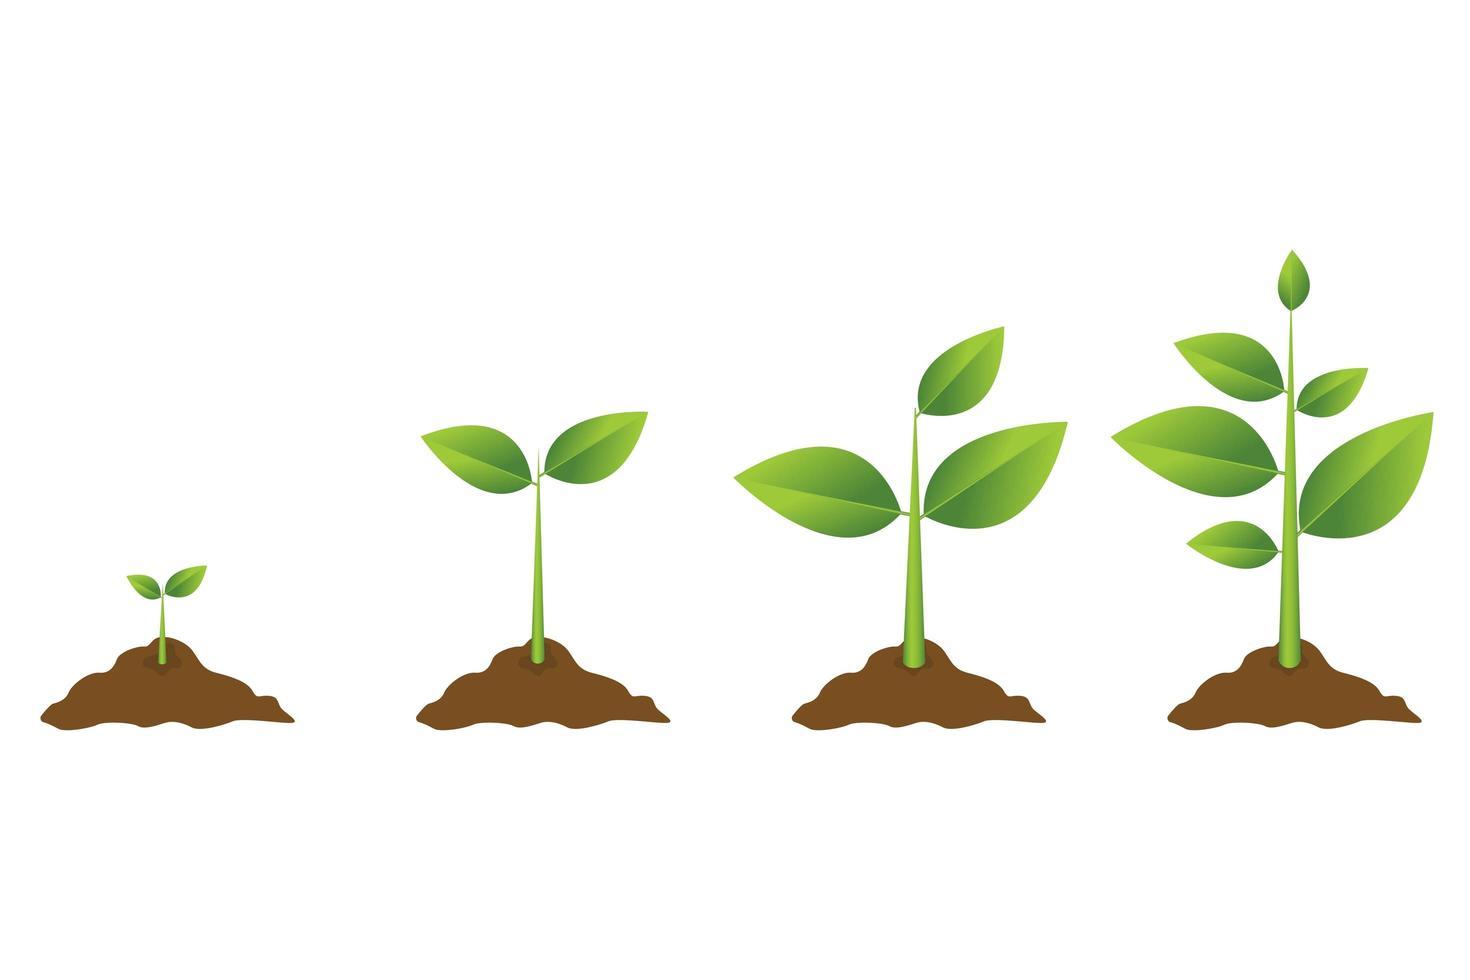 processus végétal en croissance vecteur